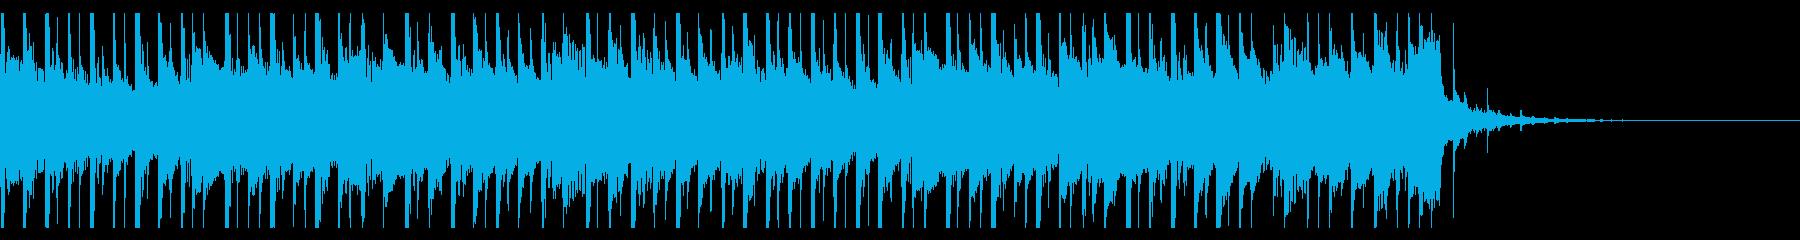 建物の成功(20秒)の再生済みの波形